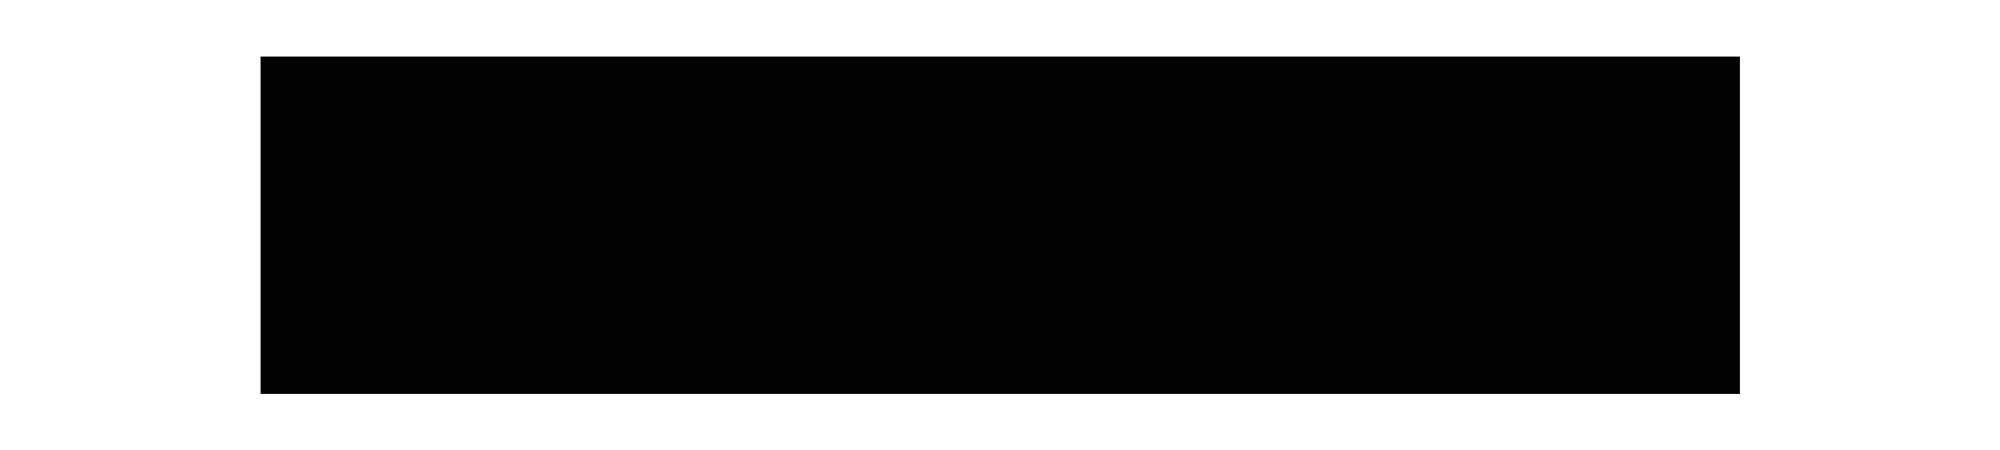 q-brands – herschel, reef, teva